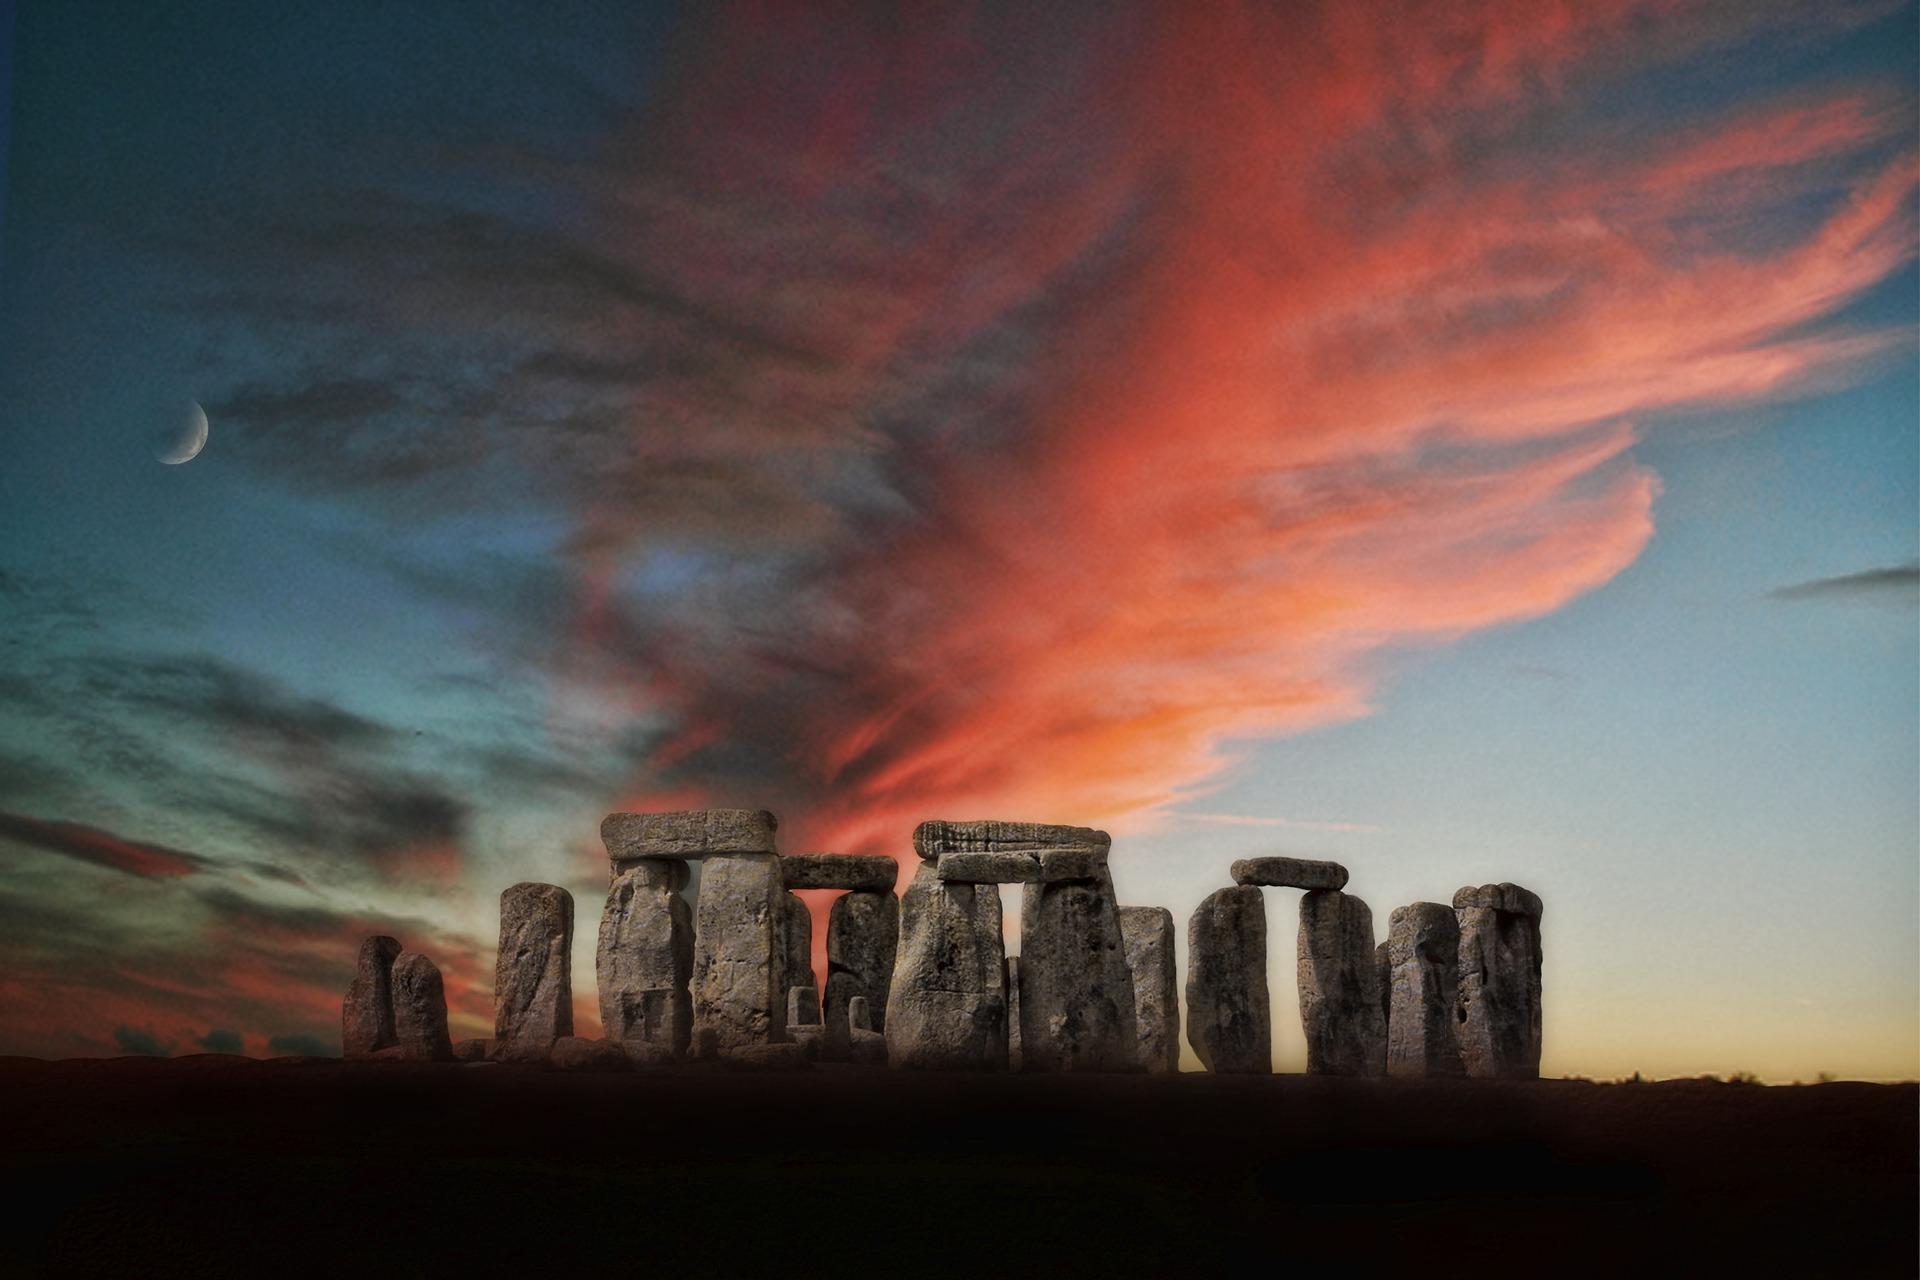 Pesquisadores conseguiram descobrir a origem das pedras de Stonehenge